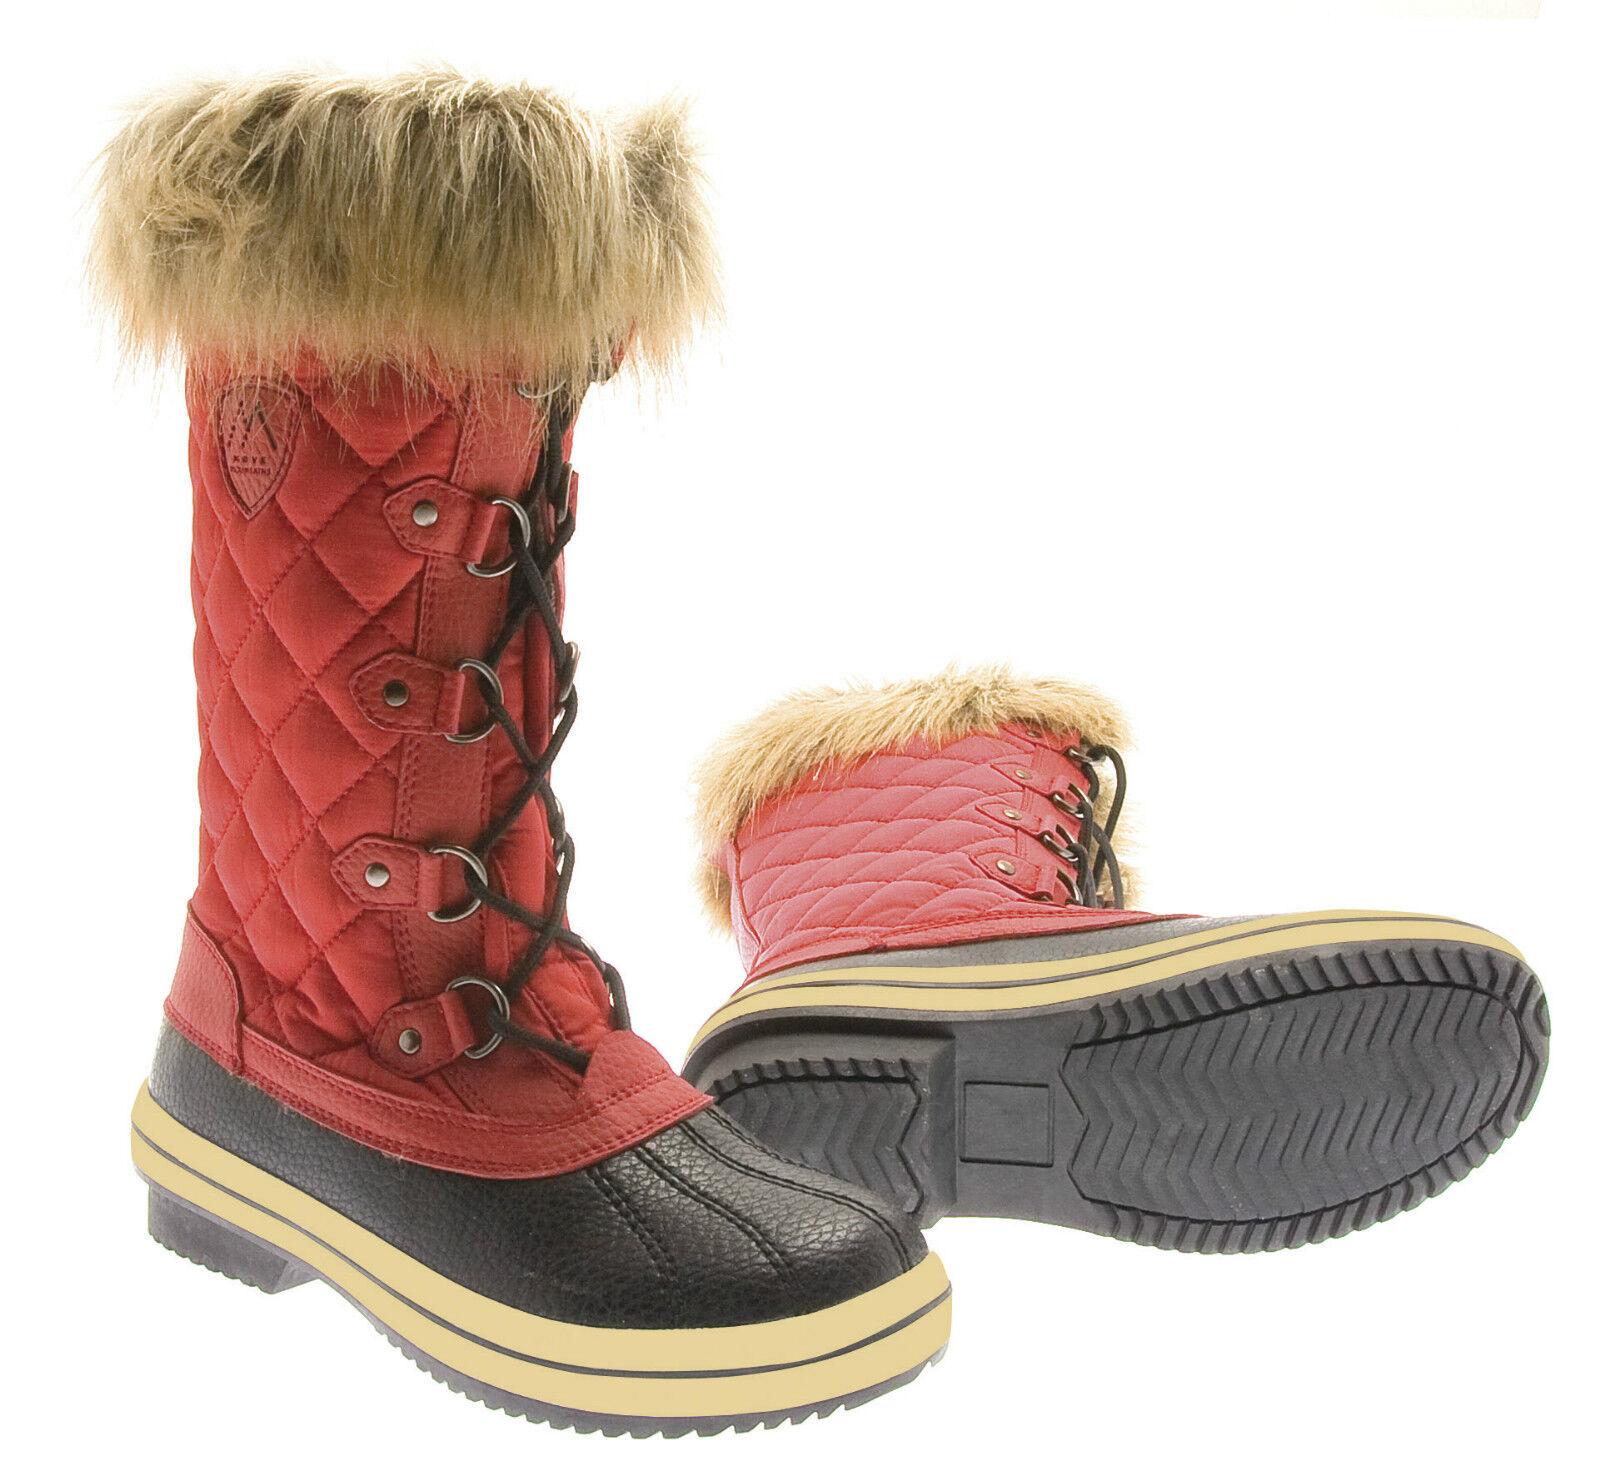 Damenstiefel Ribbon ROT Gr.36-42 Winterstiefel bis -20°C Stiefel WPS wasserdicht